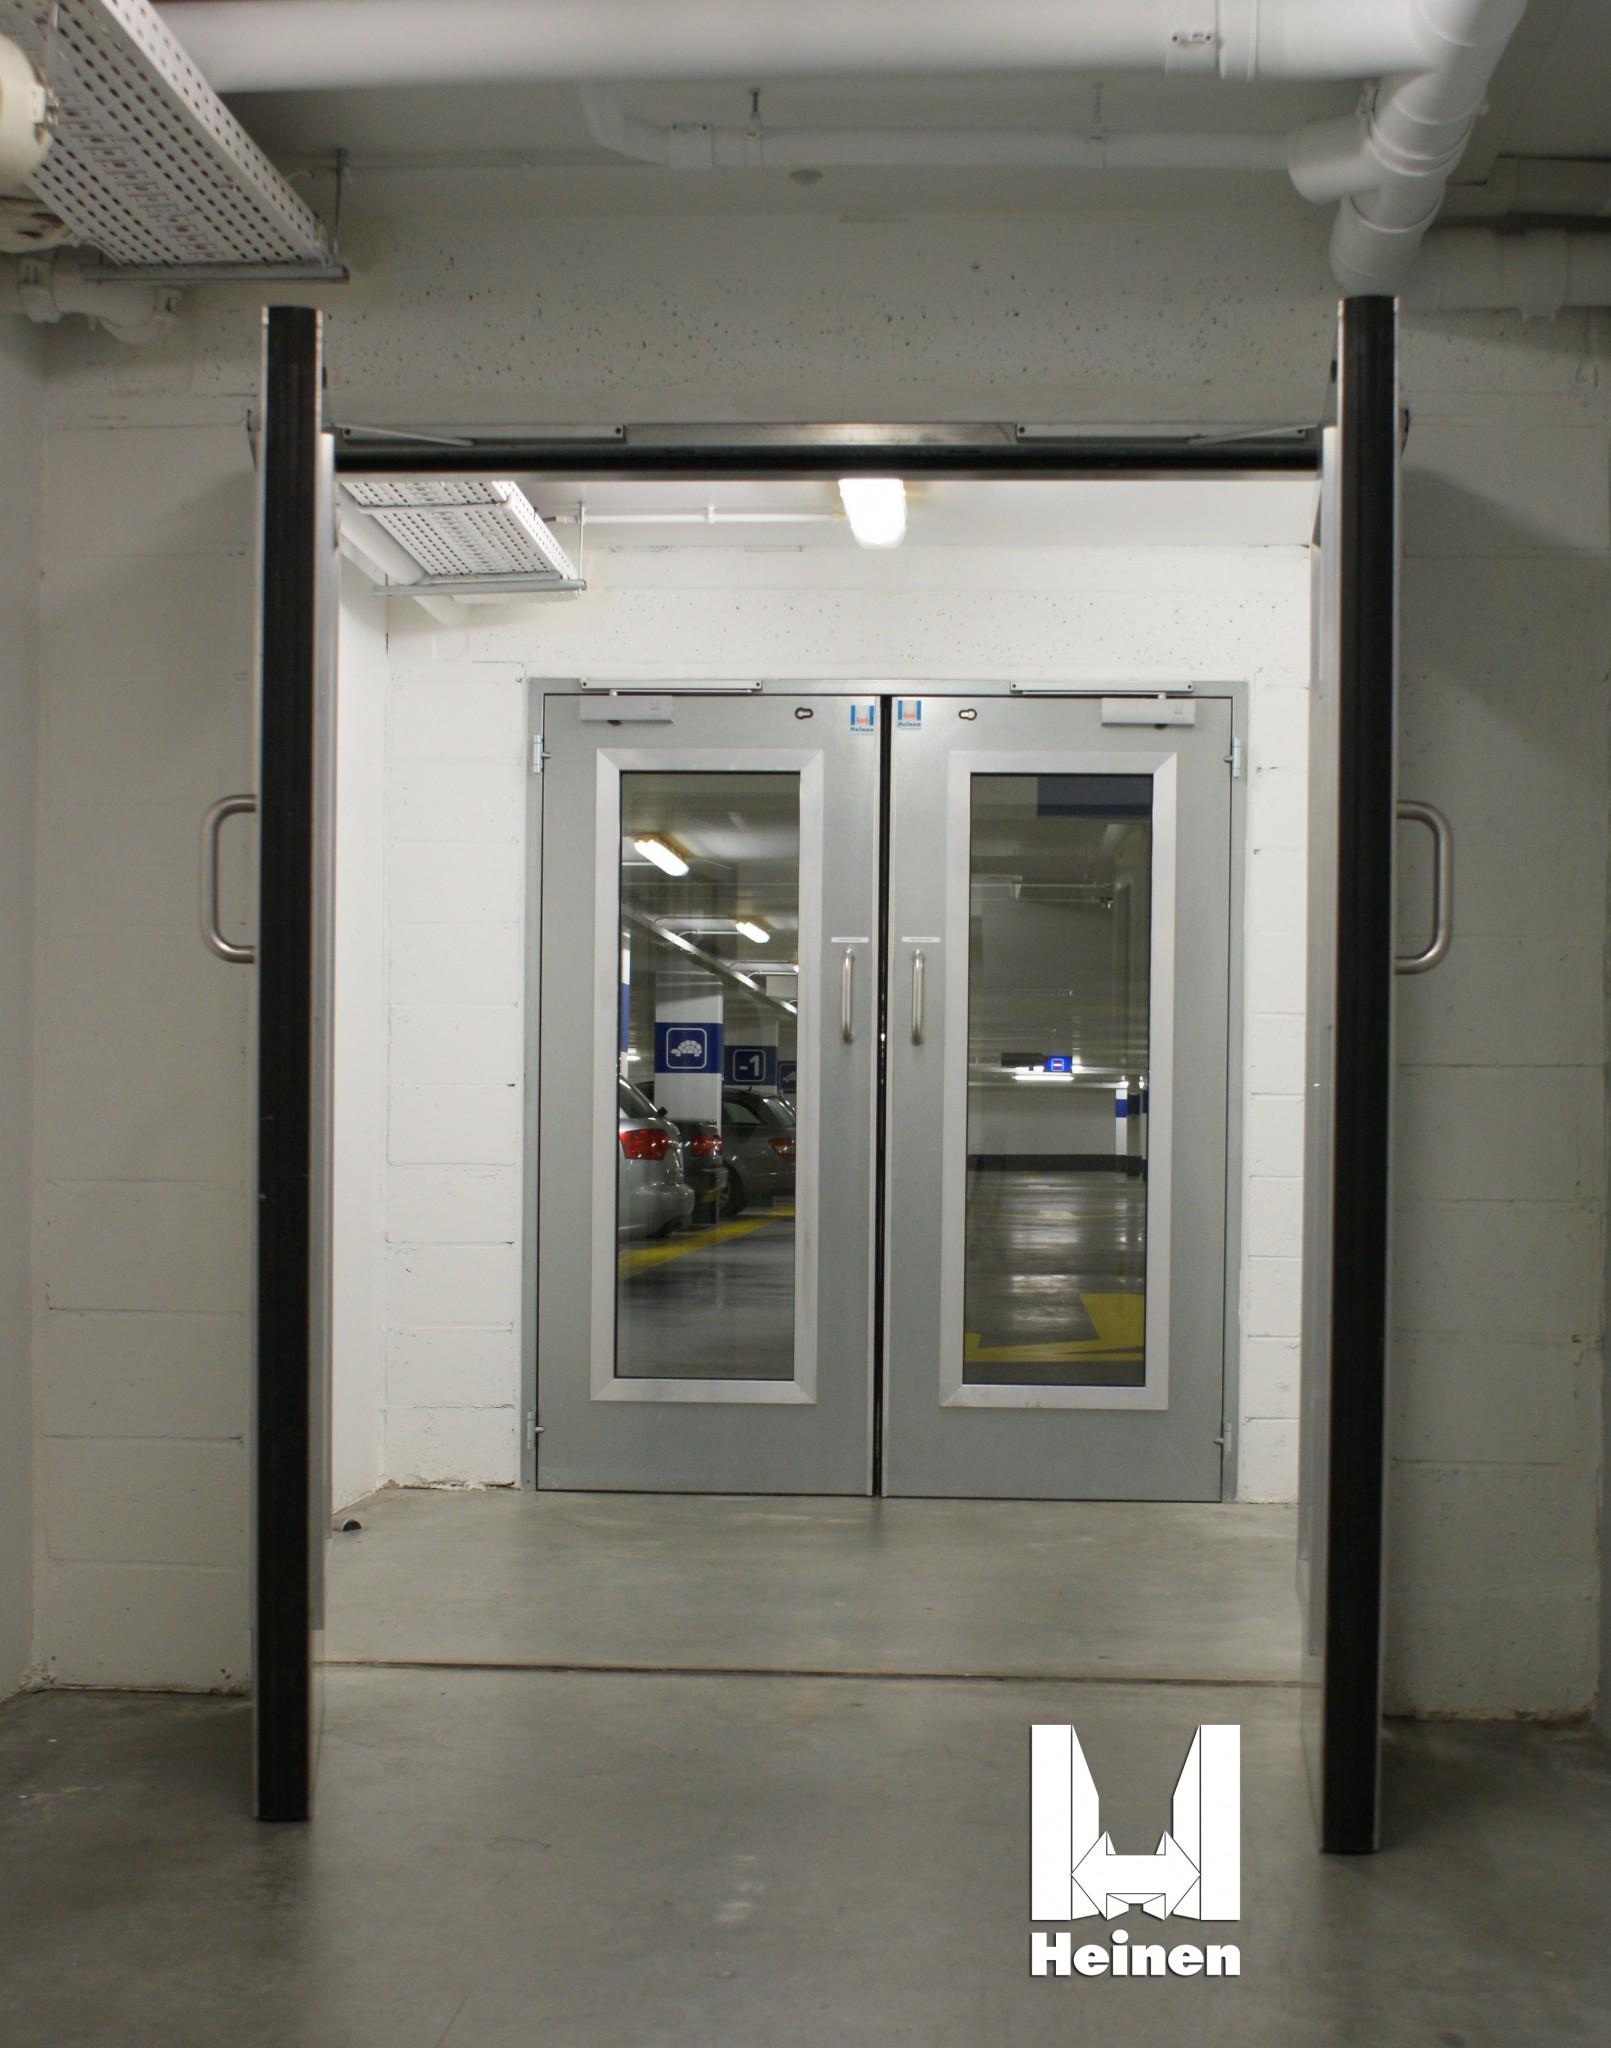 Installation de portes métalliques de type HEINEN métal+, pour entrée de cage d'escalier.